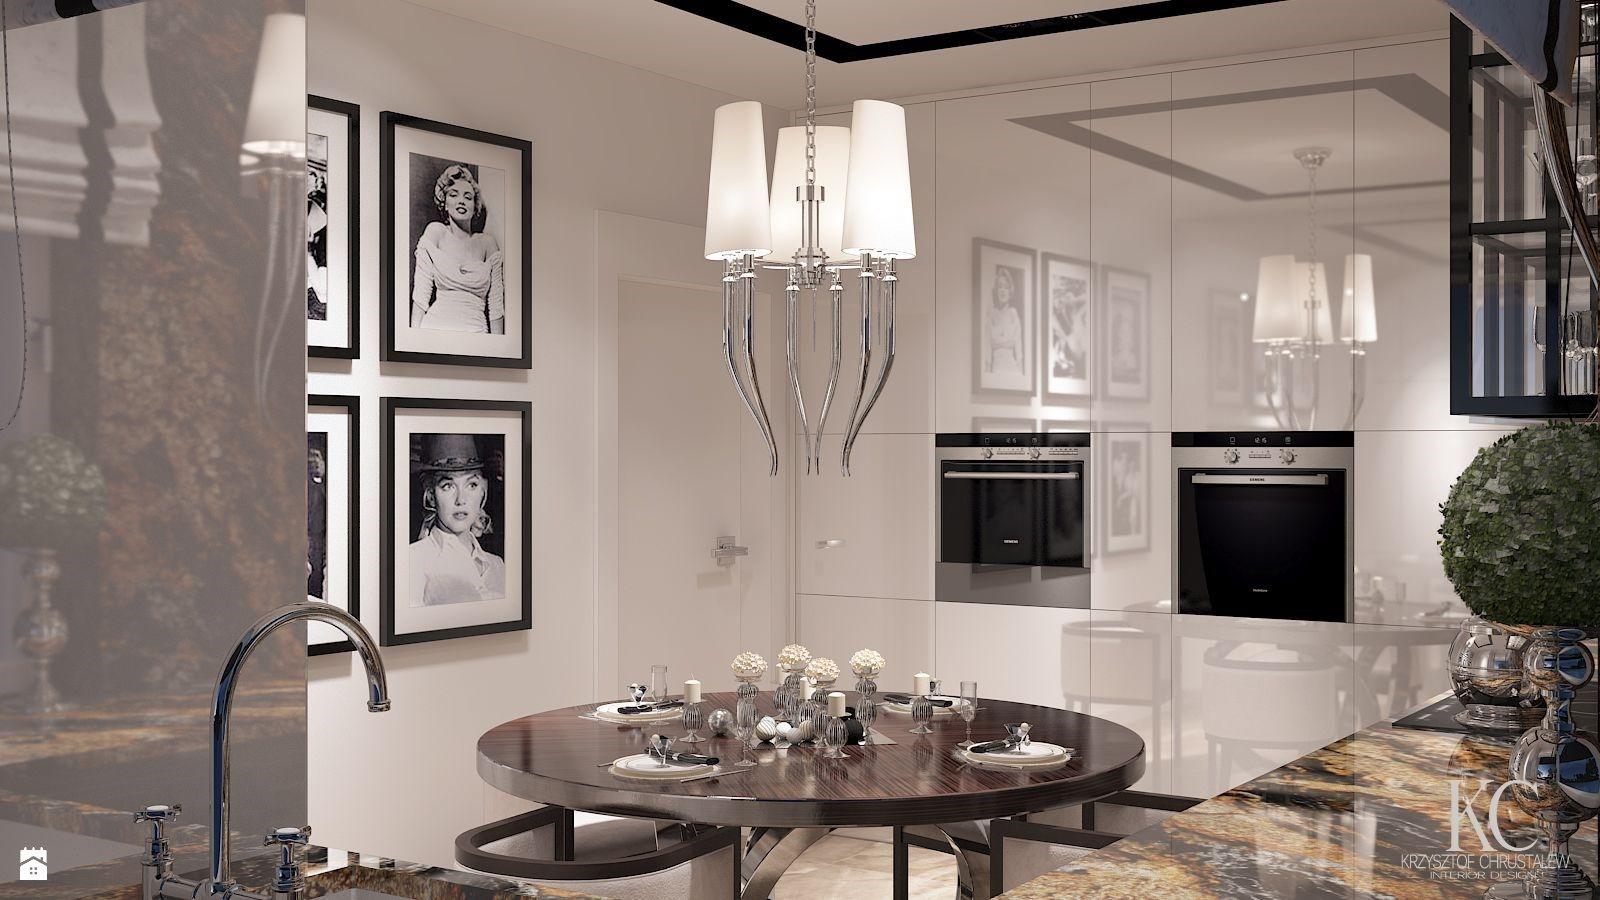 Wystroj Wnetrz Kuchnia Styl Glamour Projekty I Aranzacje Najlepszych Designerow Prawdziwe Inspiracje Dla Kazdego Dla Kogo Liczy Si Home Decor Decor Home